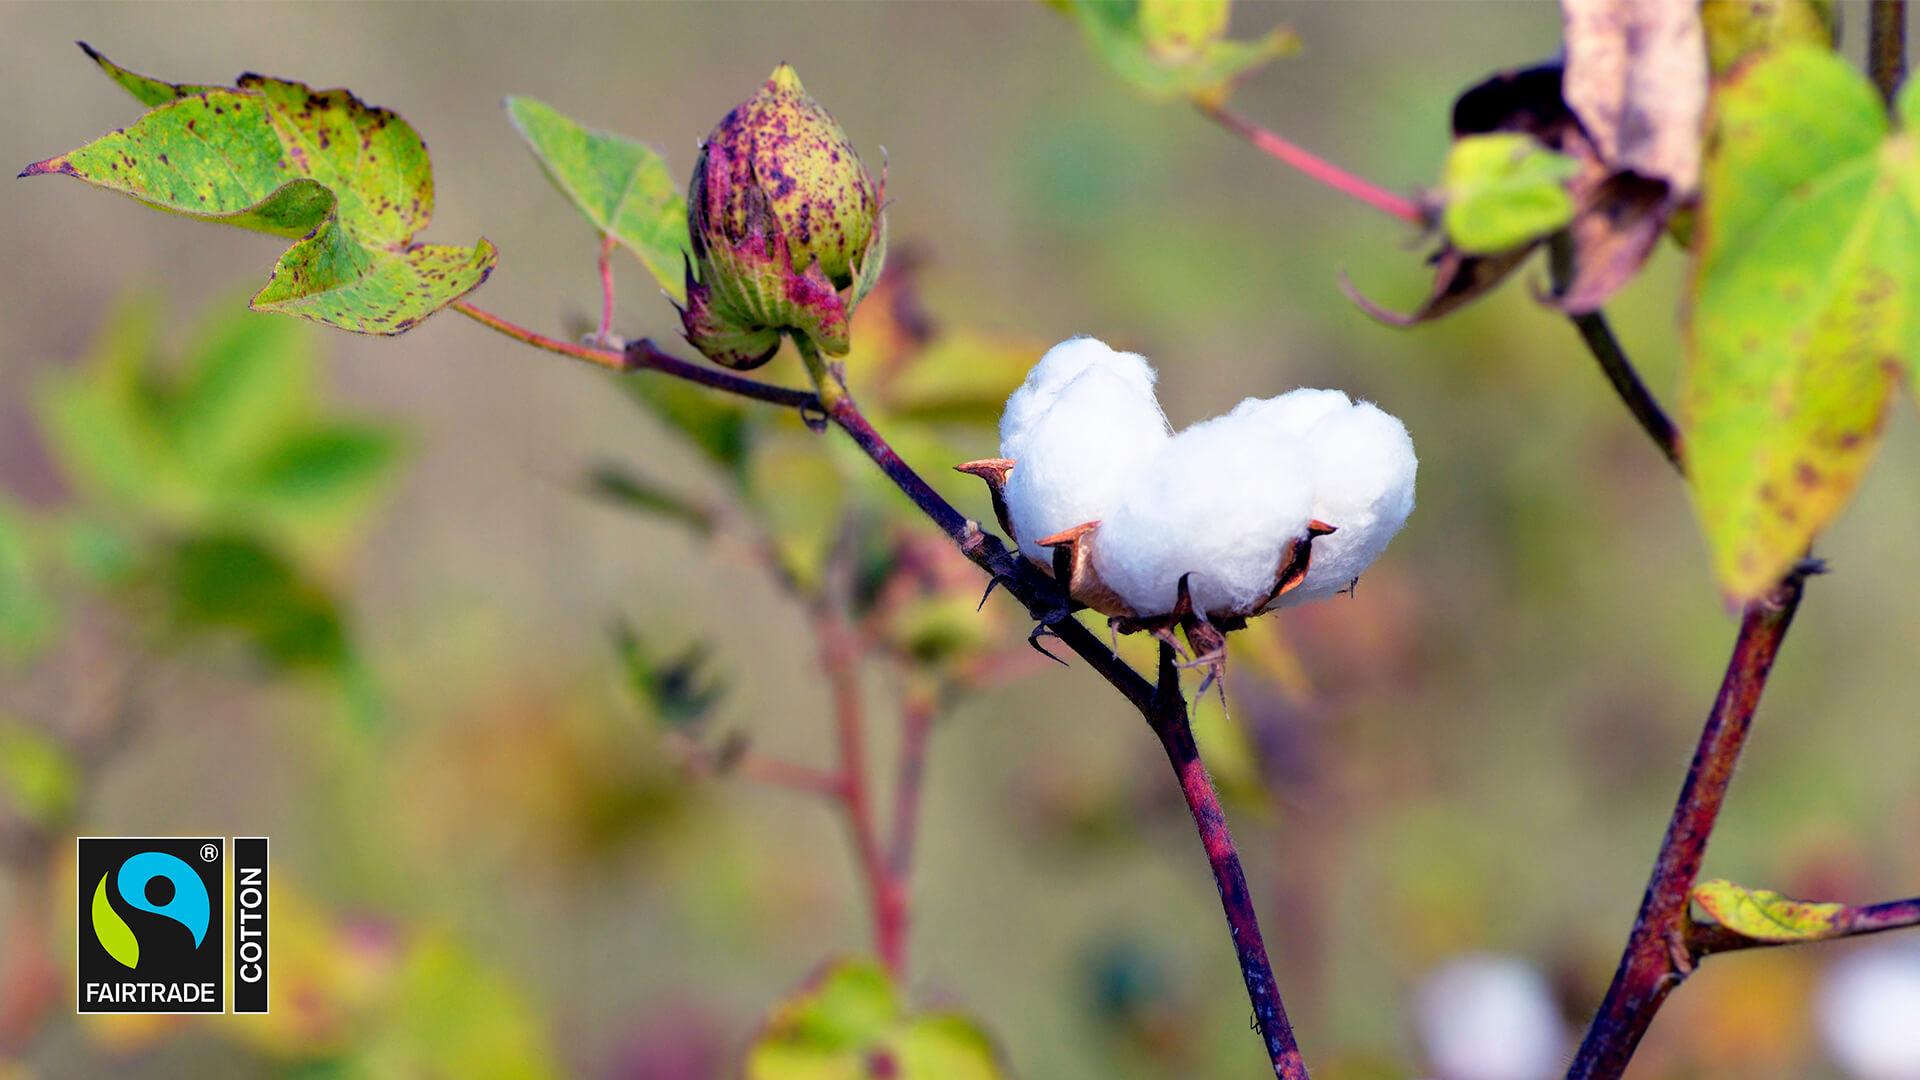 Puuvillan viljelyssä on parannettavaa ihmisoikeuksiin ja ympäristönsuojeluun liittyen. Luomu puuvilla ja Reilun kaupan merkki viestivät vastuullisemmasta puuvillan tuotannosta.